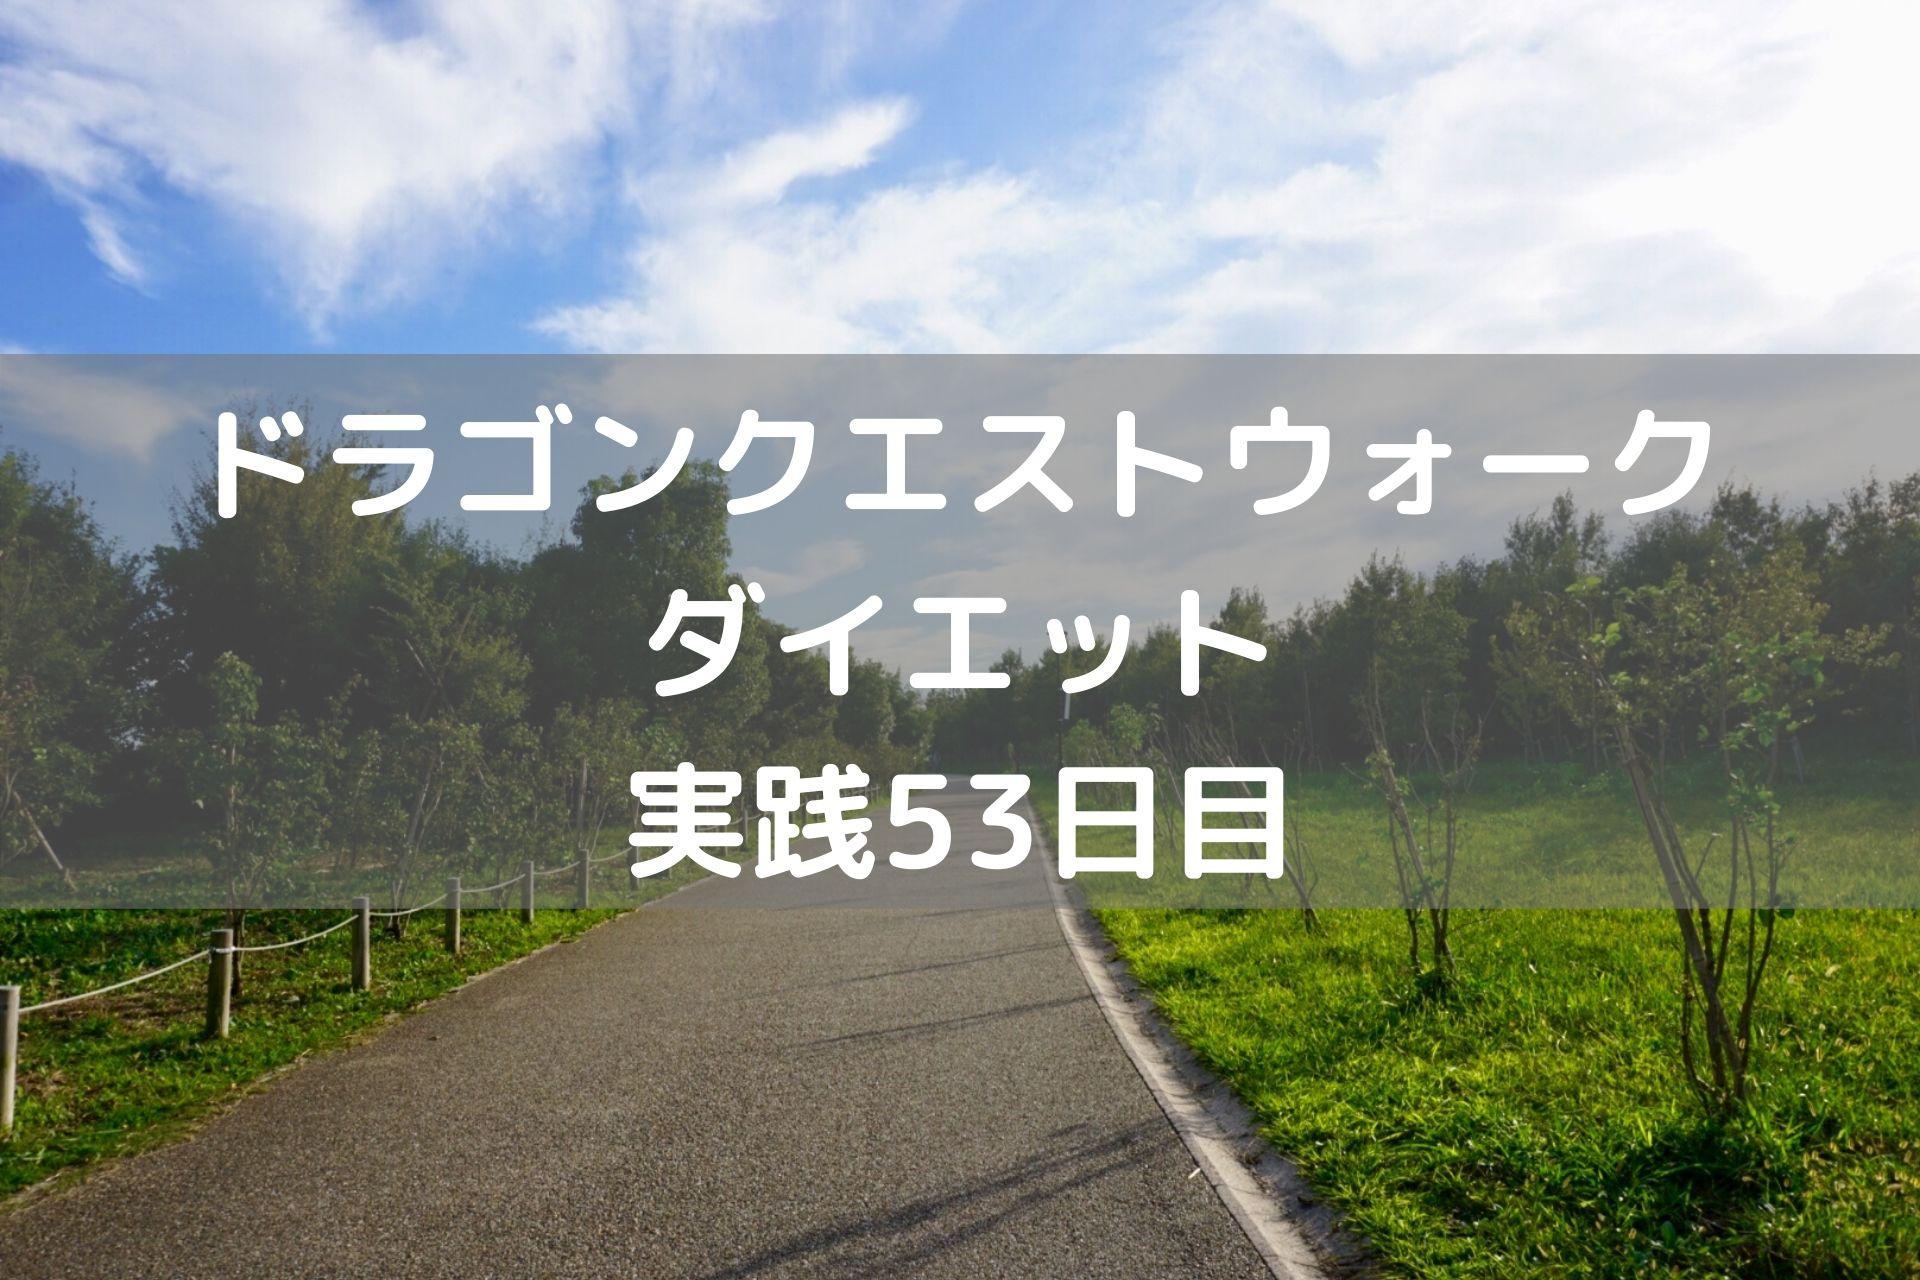 アンドレアルのこころ 出てこねぇ~ 【DQウォーク実践53日目】